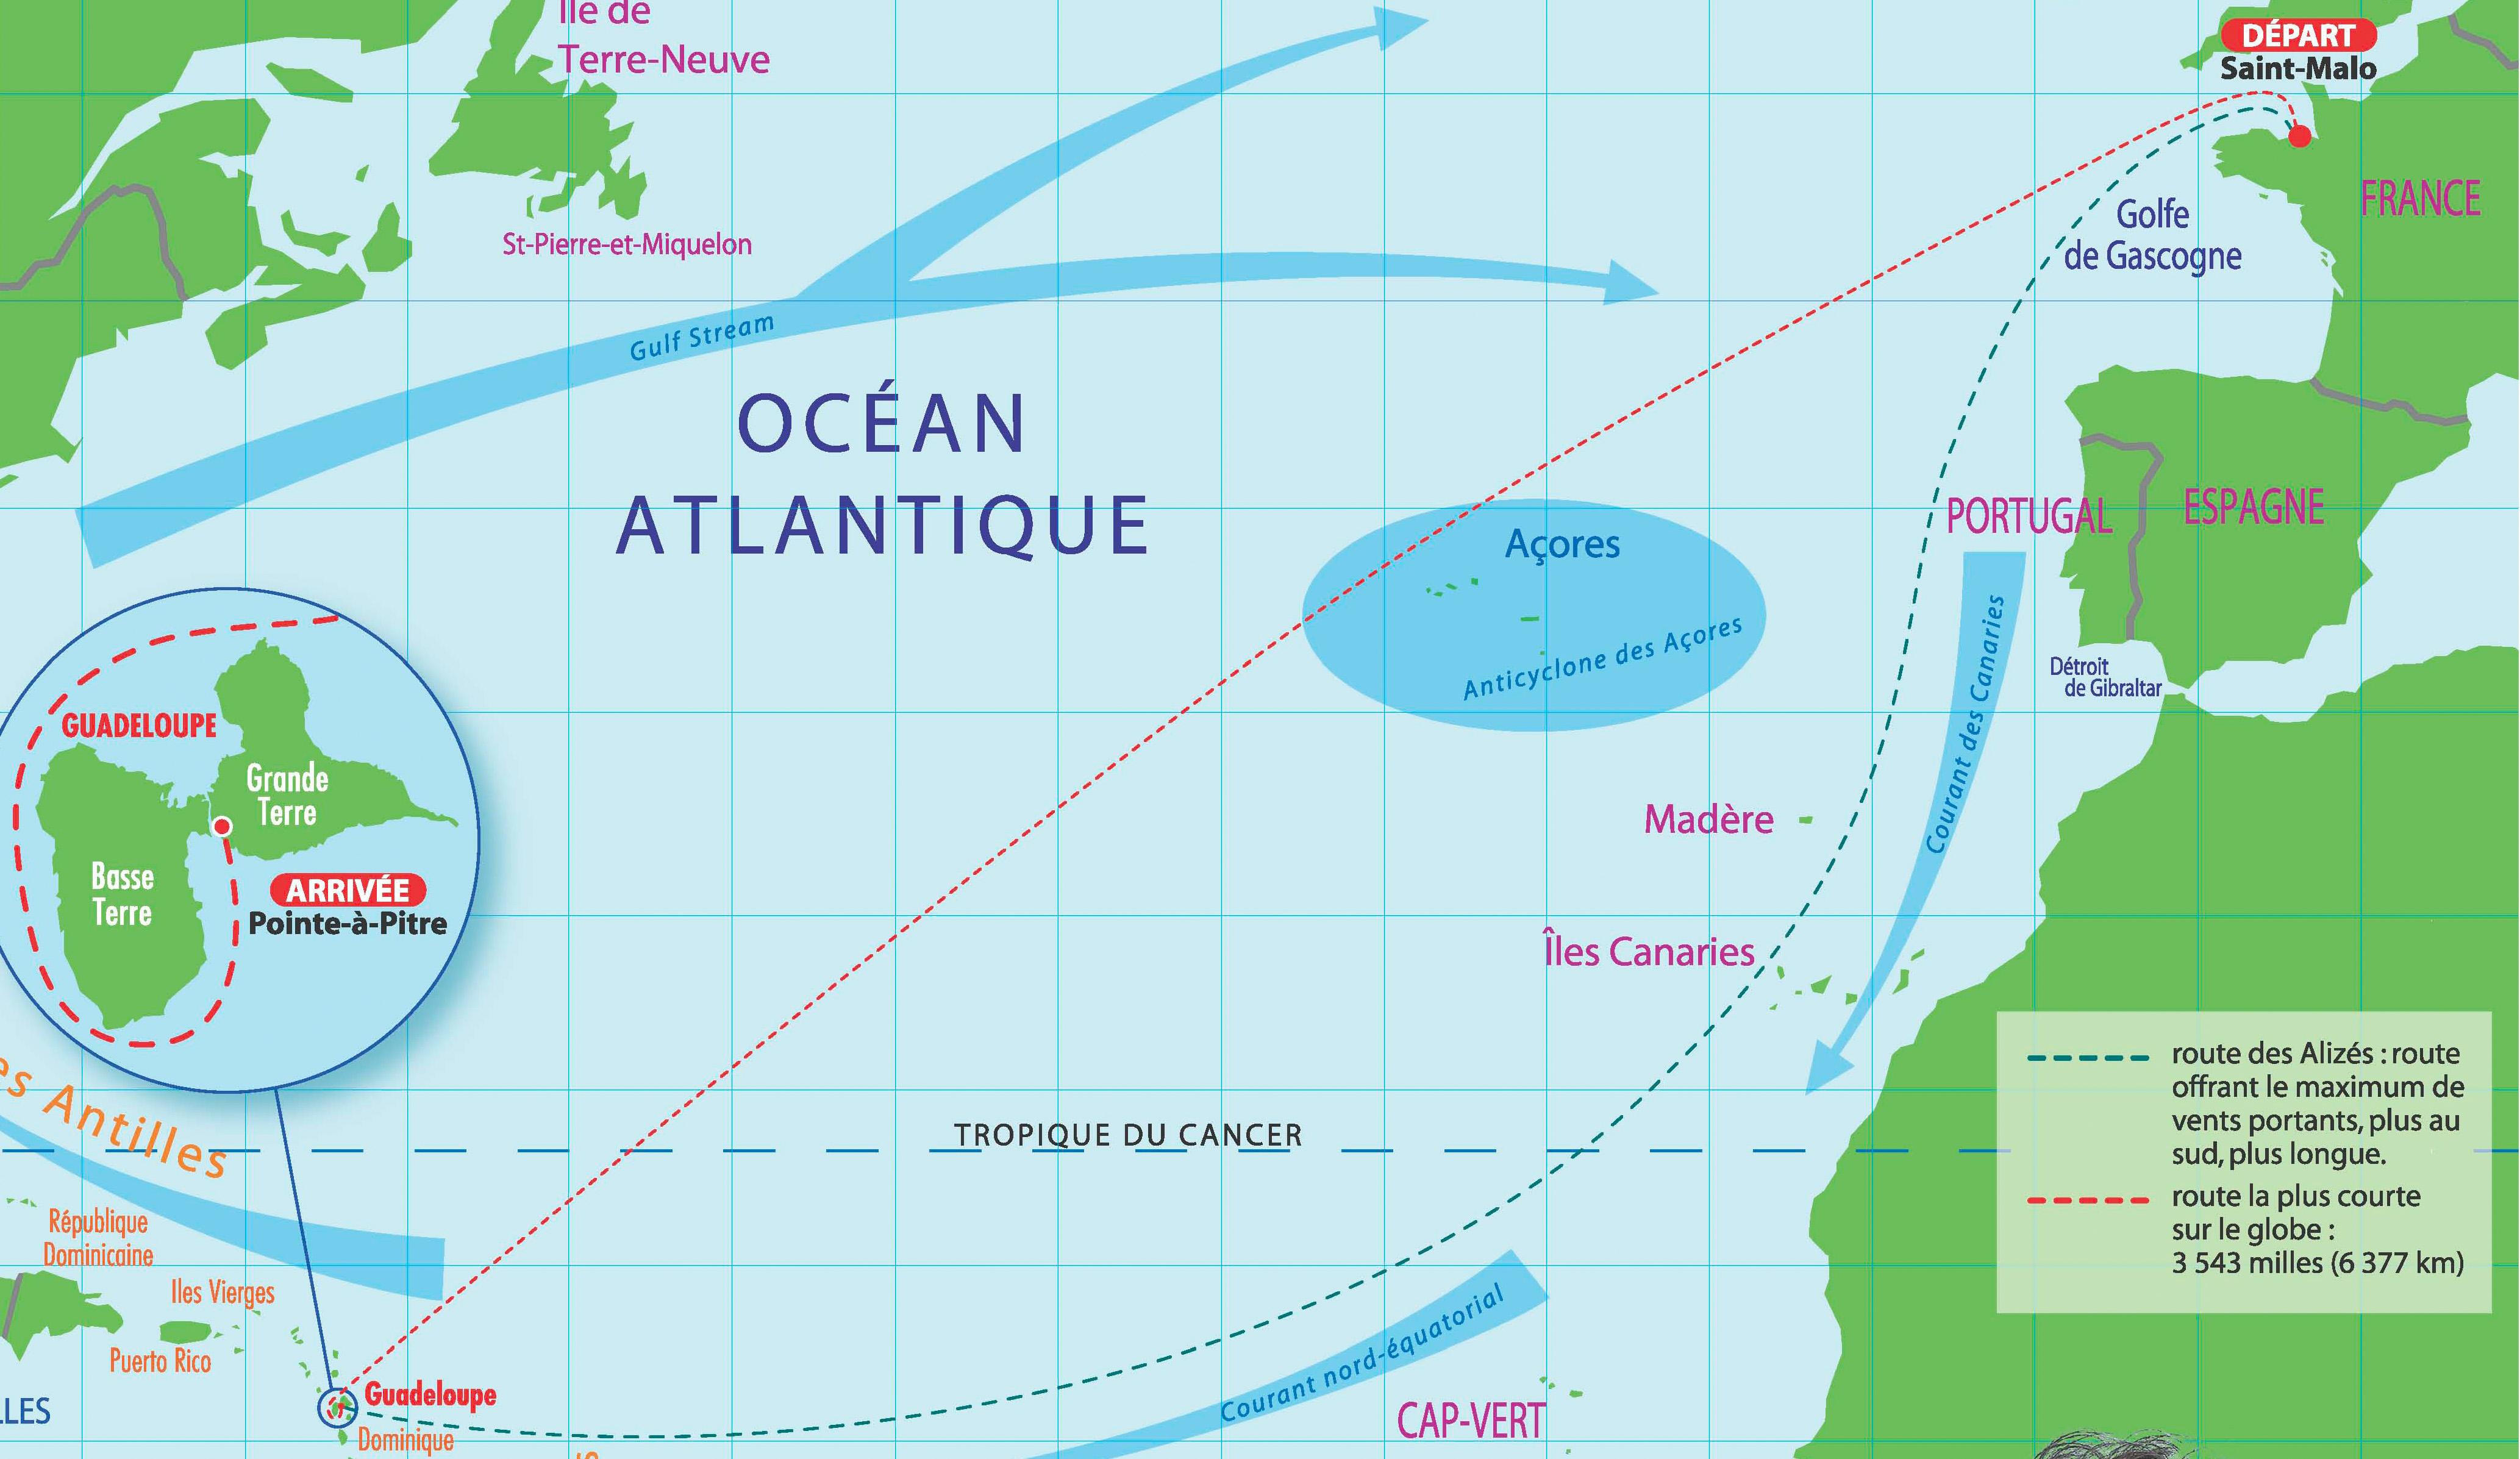 Editions Jocatop - JOCATOP, MOUSSE ET JÉRÉMIE BEYOU / L'anticyclone des Açores